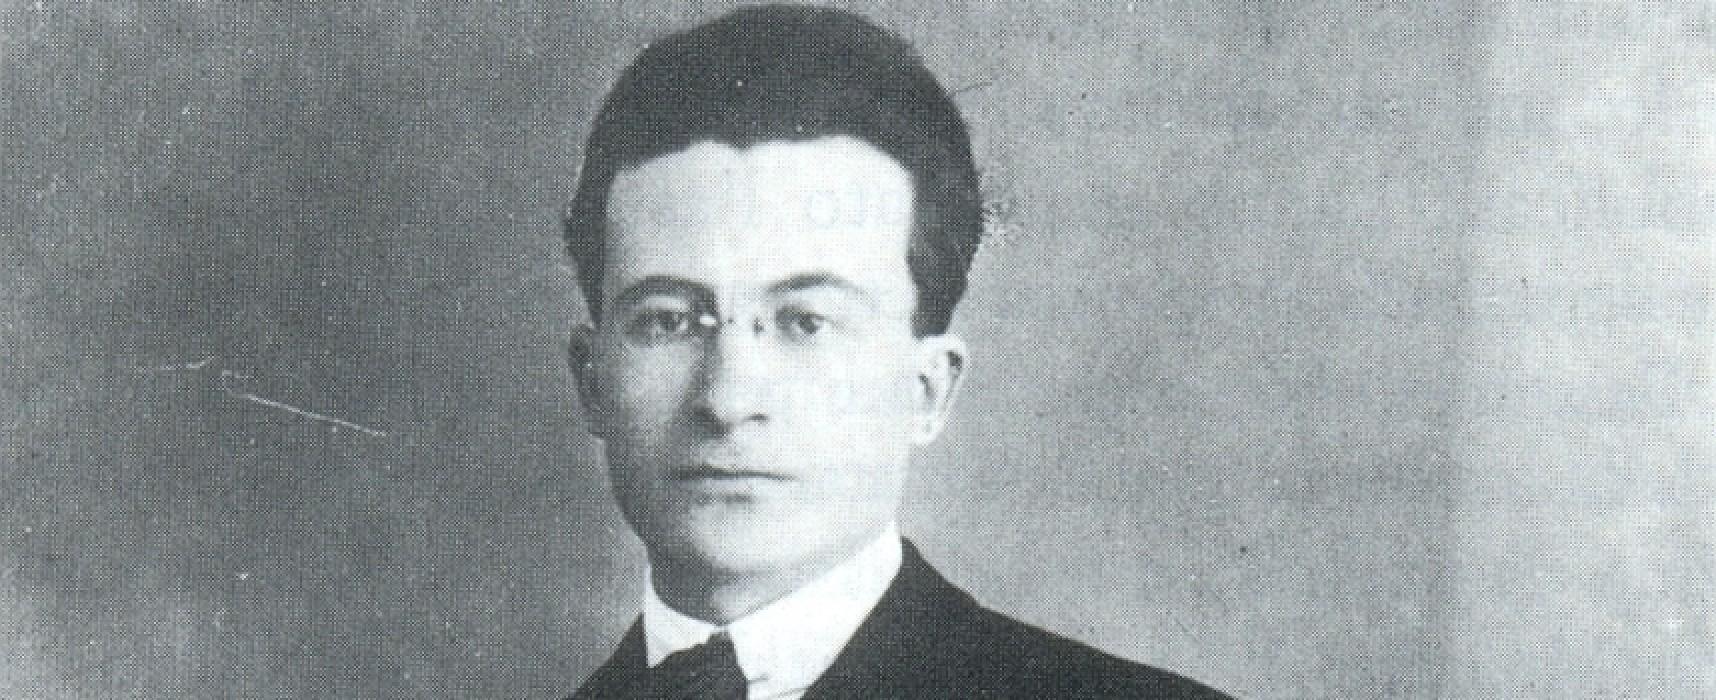 Costituito a Bisceglie un comitato provvisorio per onorare la memoria di Vincenzo Calace